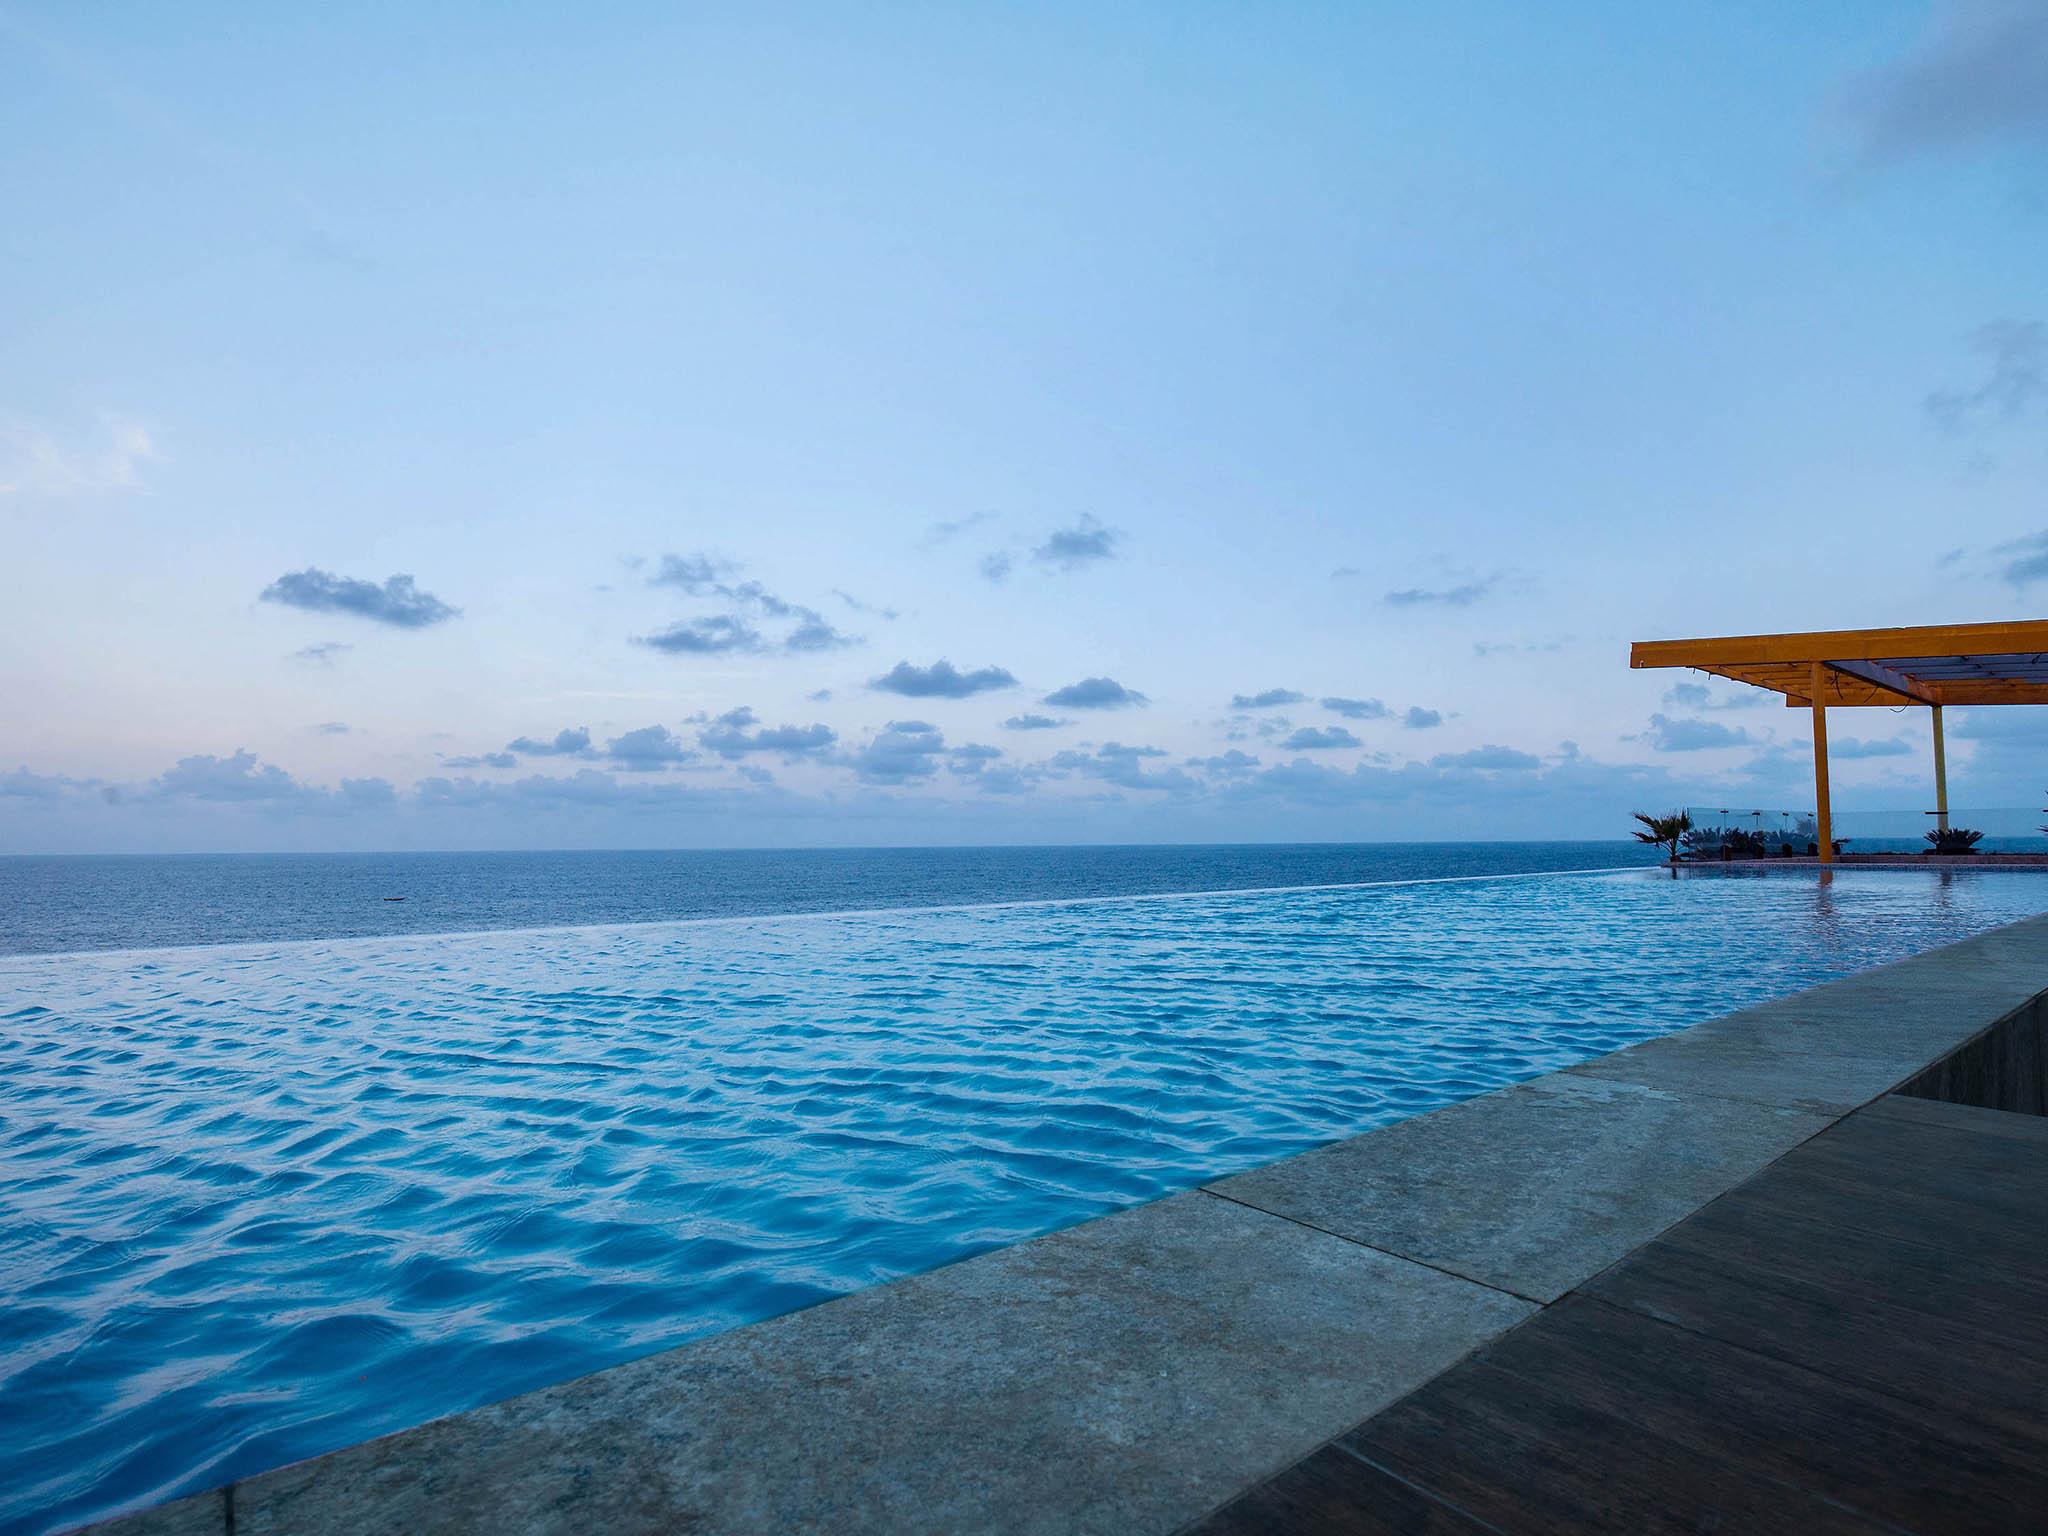 ホテル – The Bheemli Resort - Managed by AccorHotels